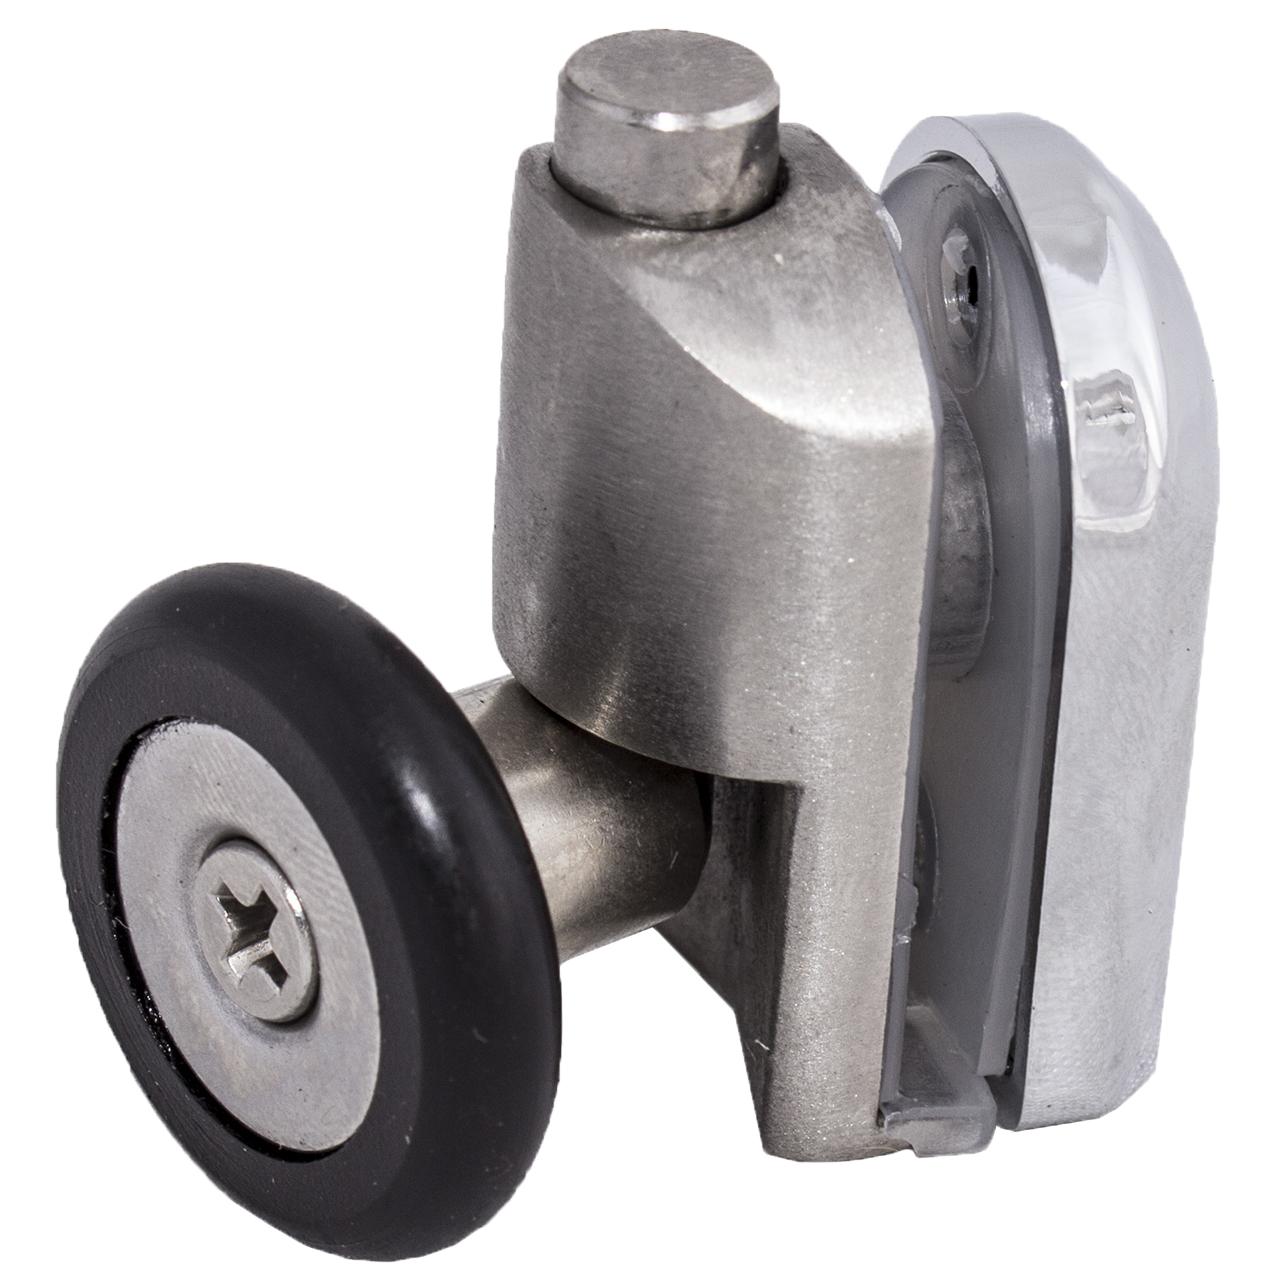 Ролик душової кабіни нижній, натискної, металевий ( N-43 А ) 19 мм